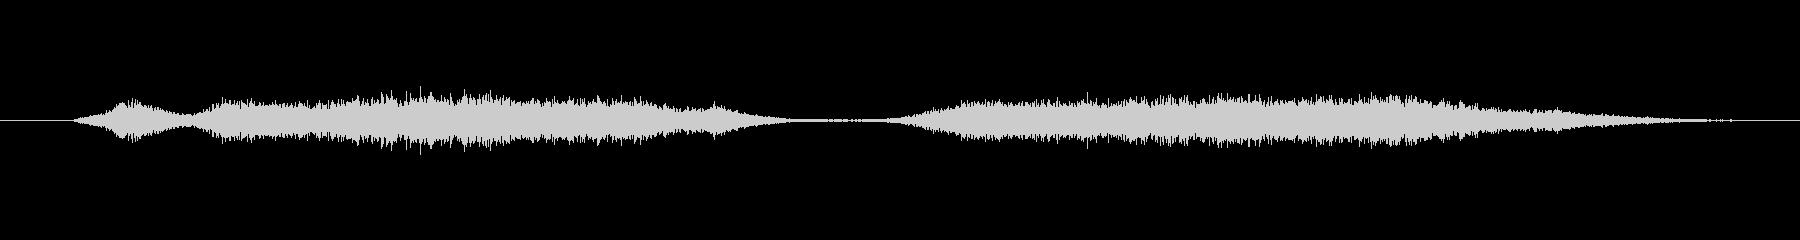 メタル 蓋のスクリーチショート06の未再生の波形